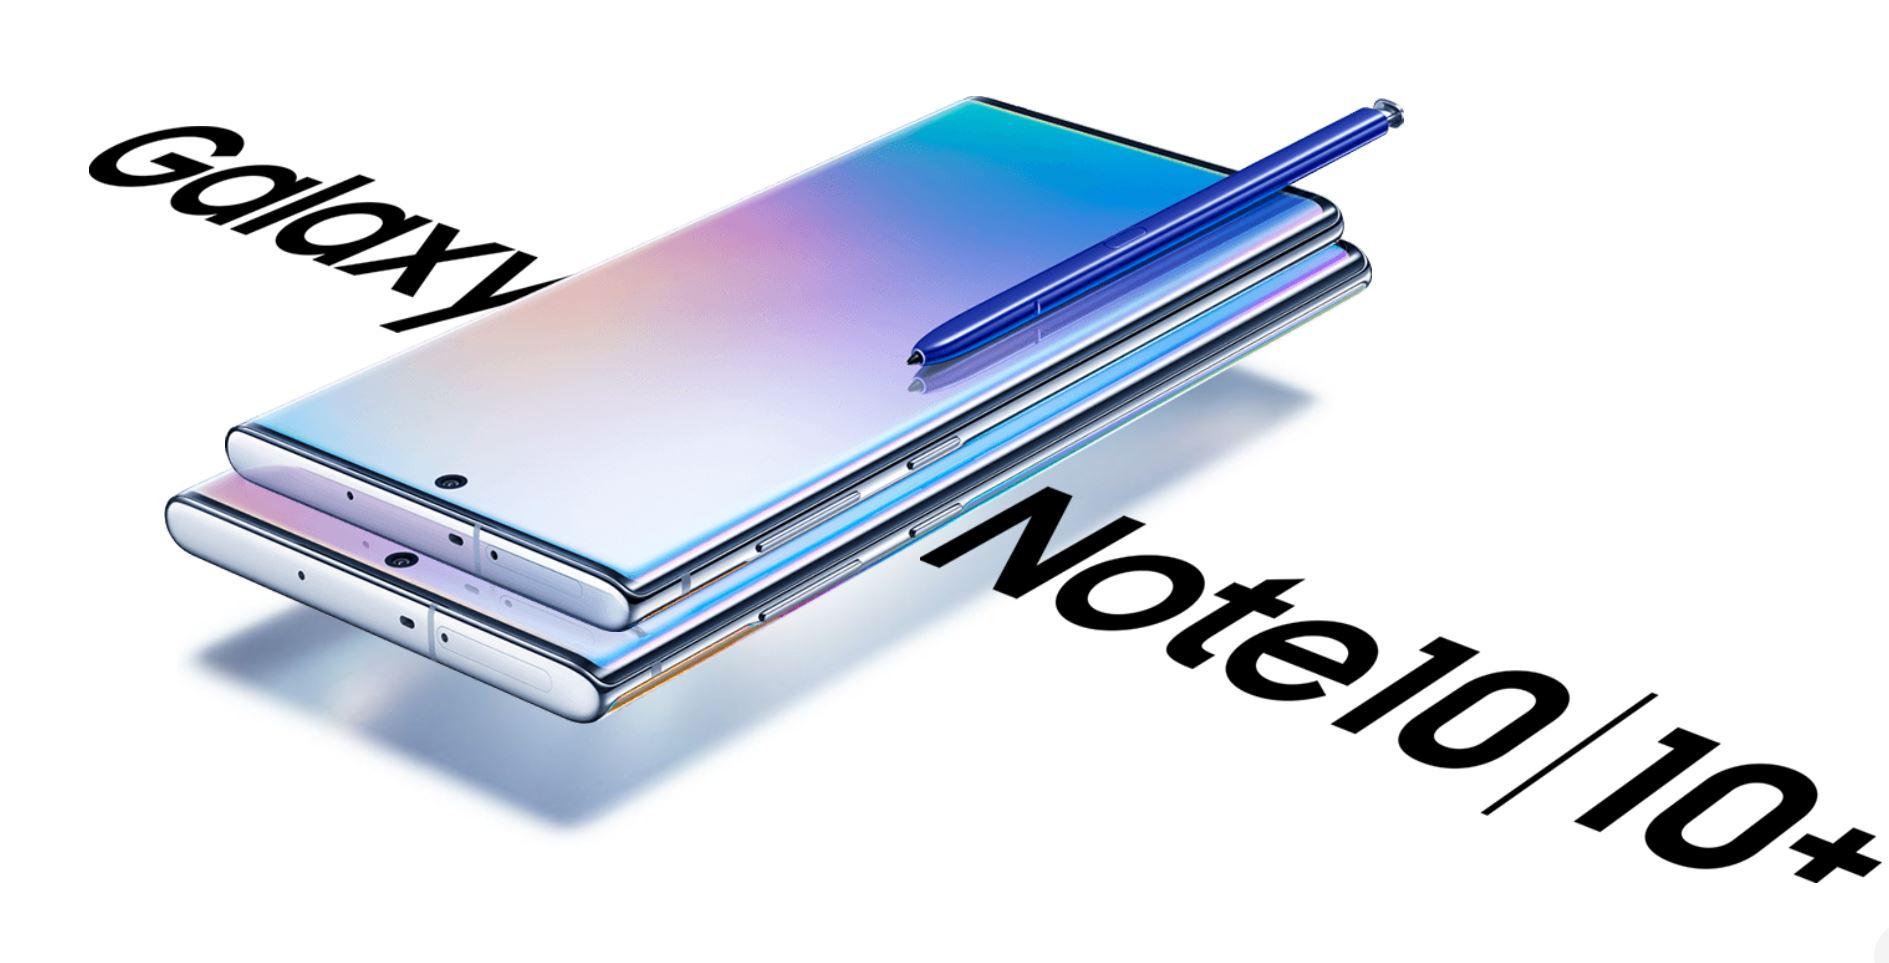 Tutto su Galaxy Note 10 e Galaxy Note 10 +: prezzi, caratteristiche data d'uscita